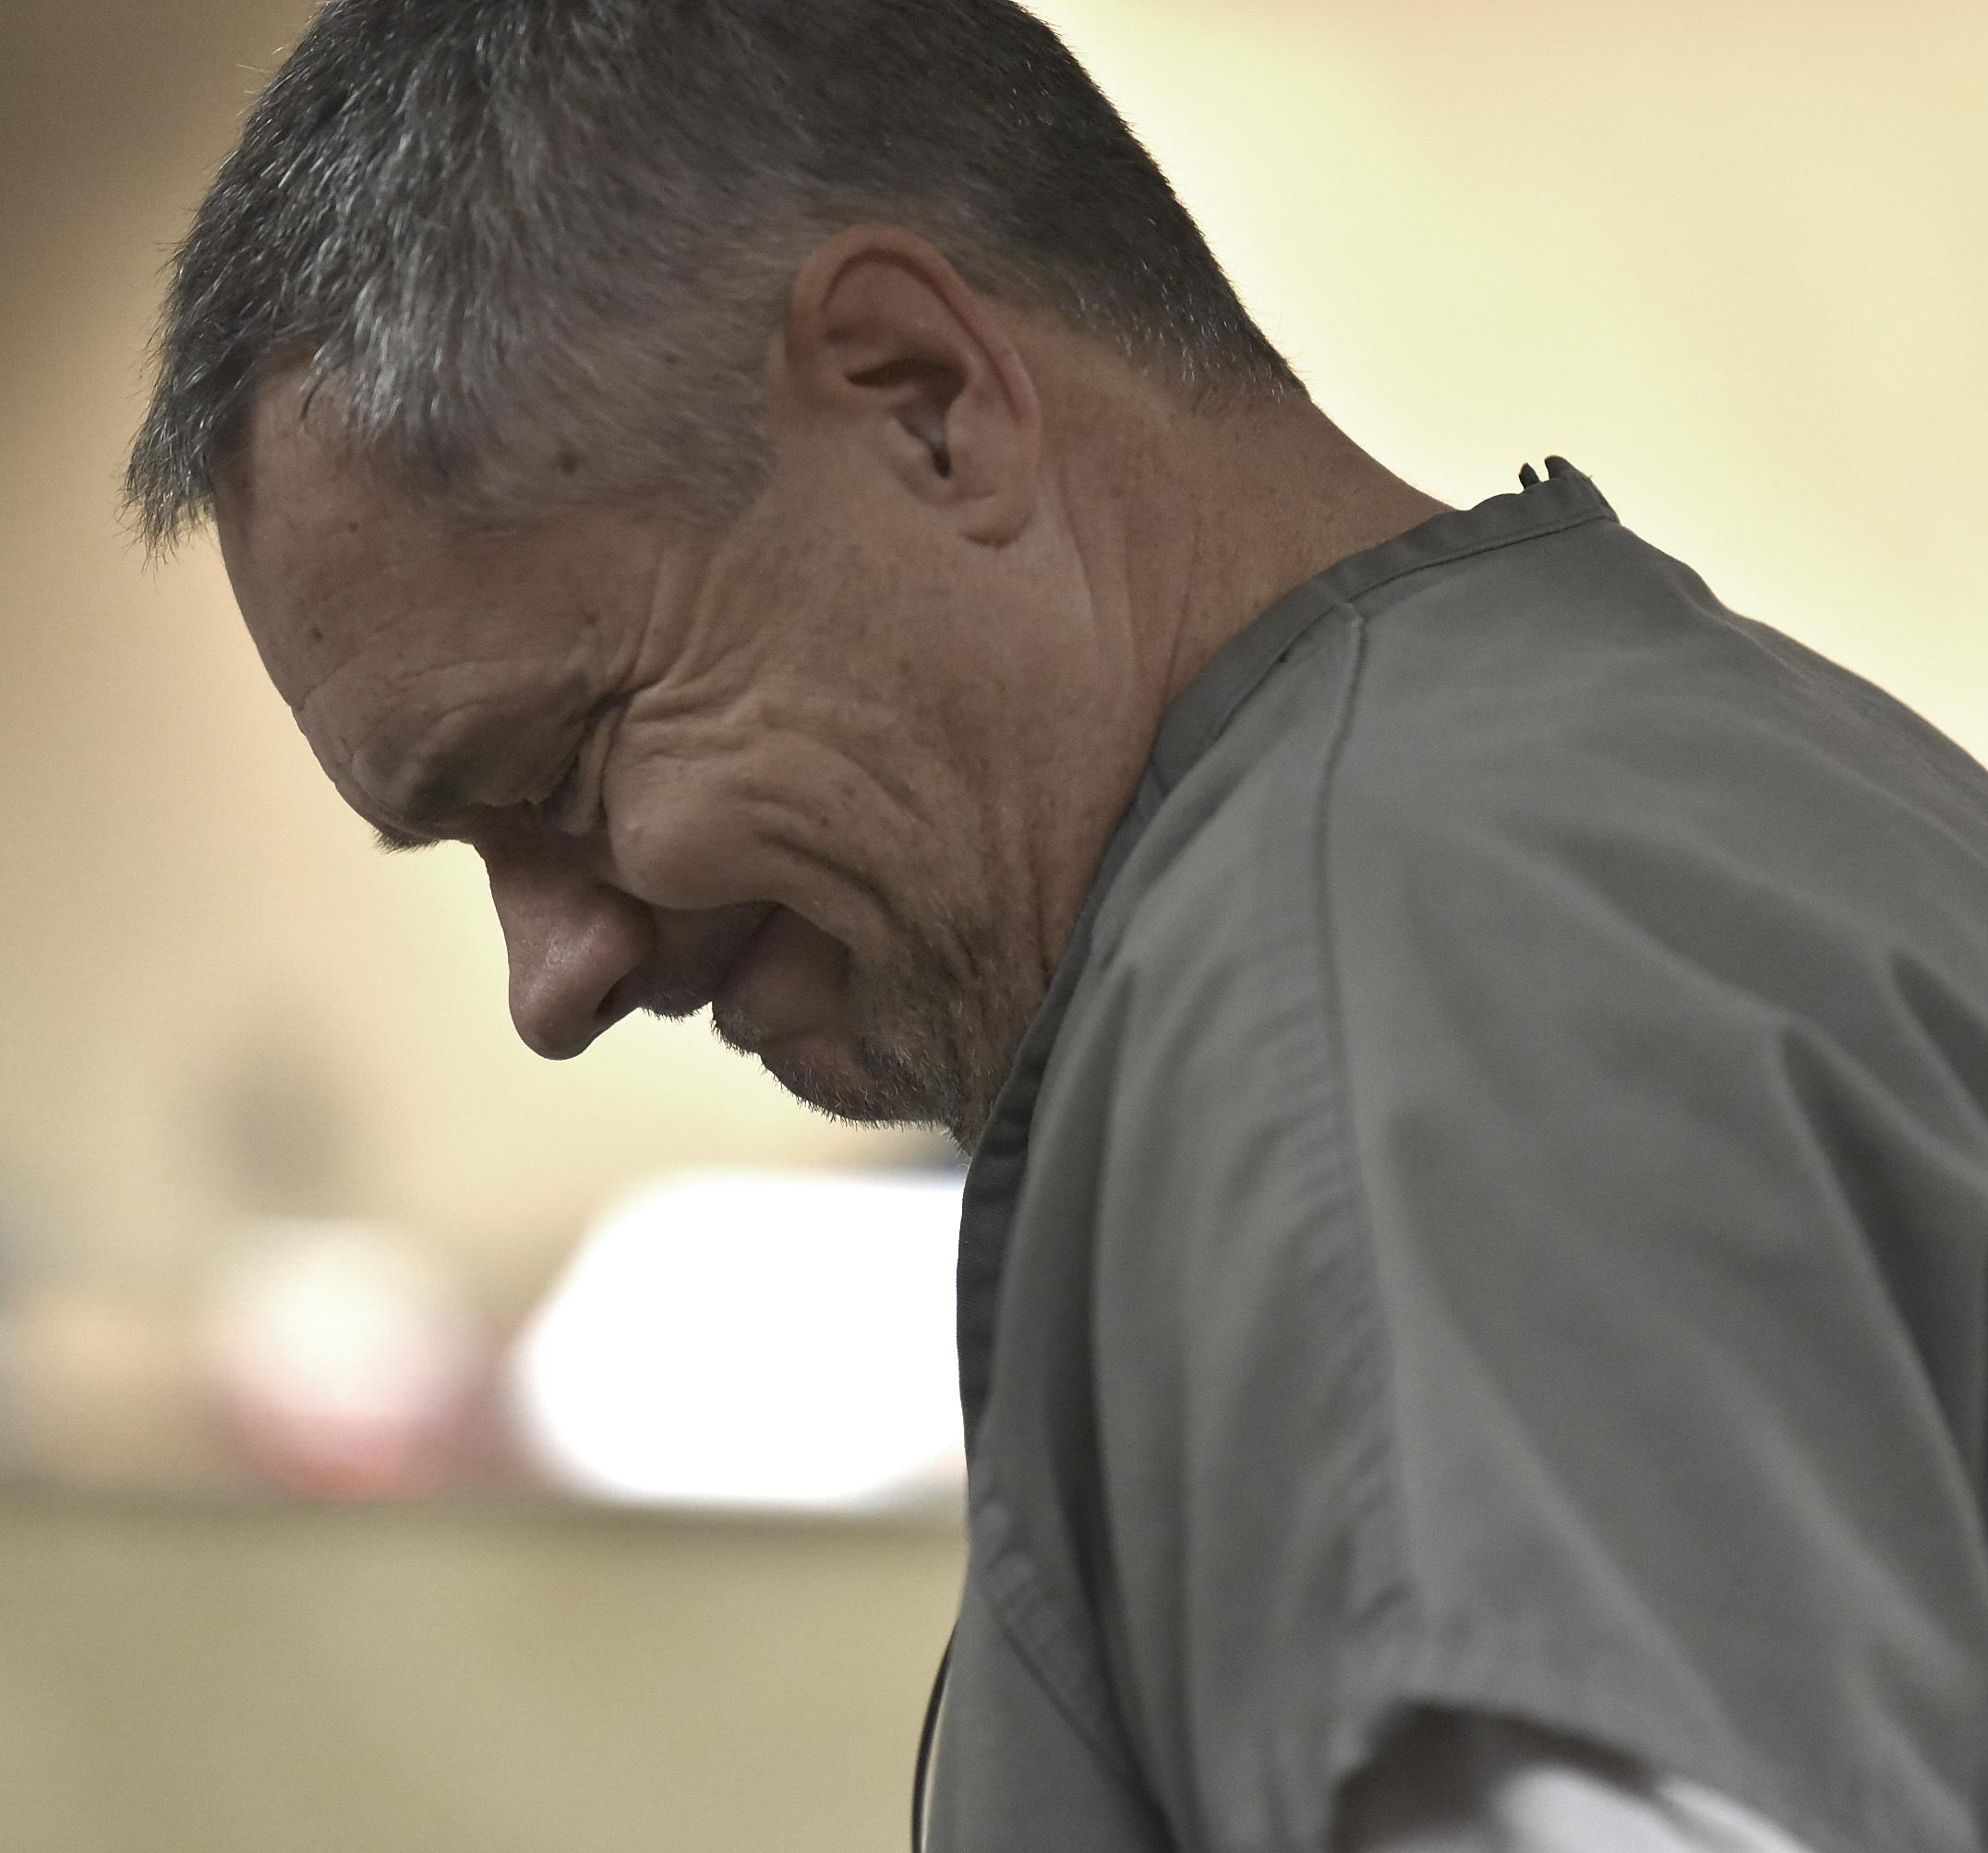 Jeffrey Zeigler looks down as he is sentenced.